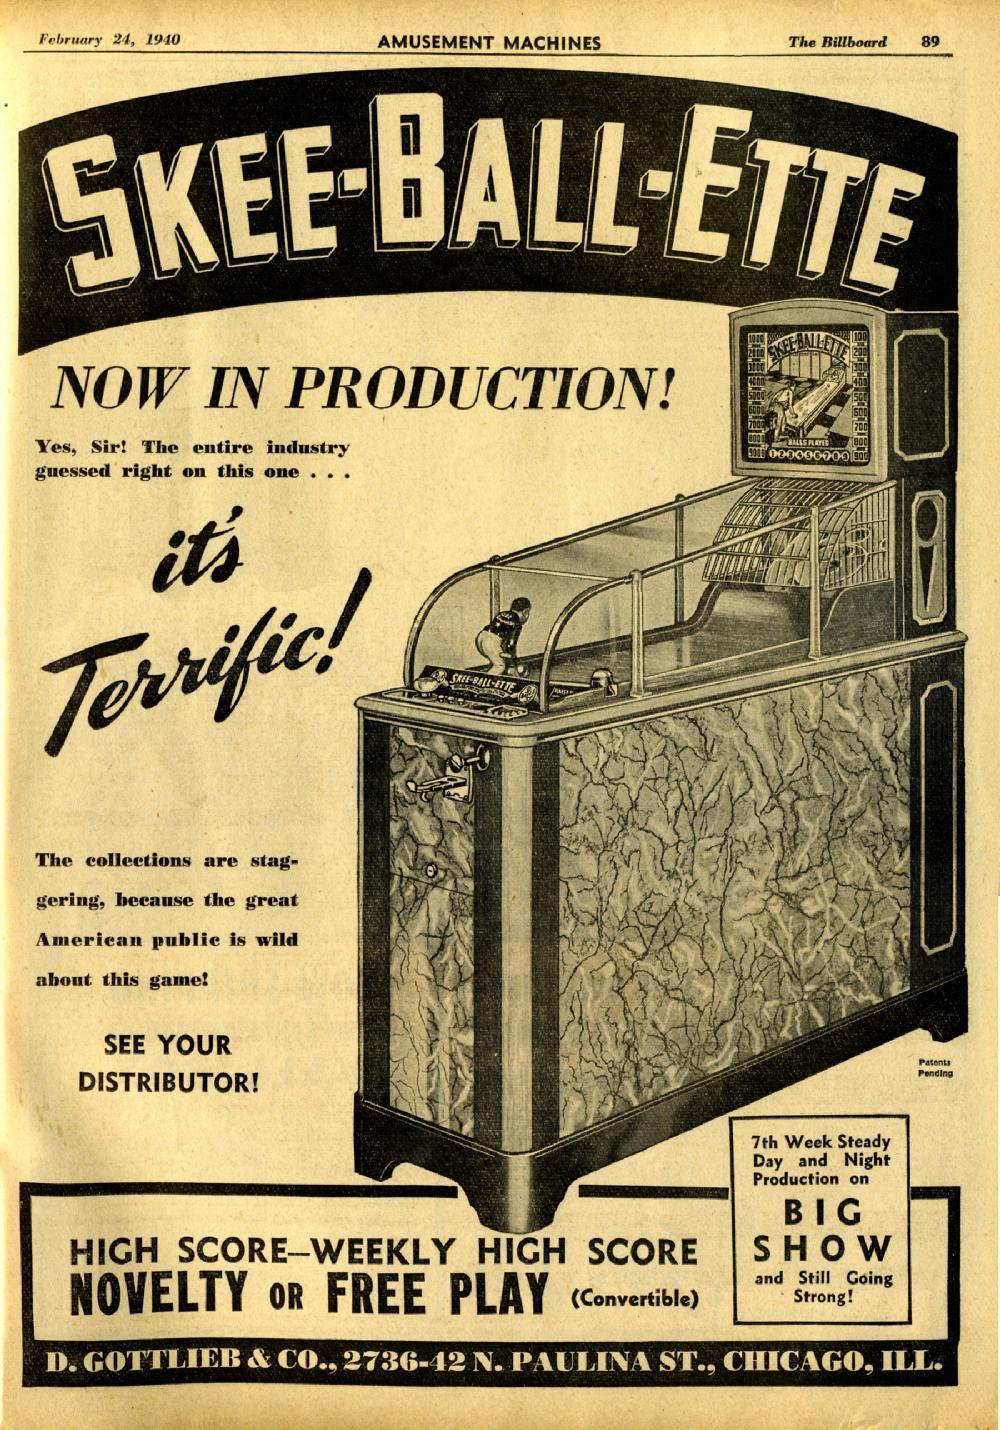 Gottlieb Skee Ball Ette Skeeballette Ballette Ski Ball